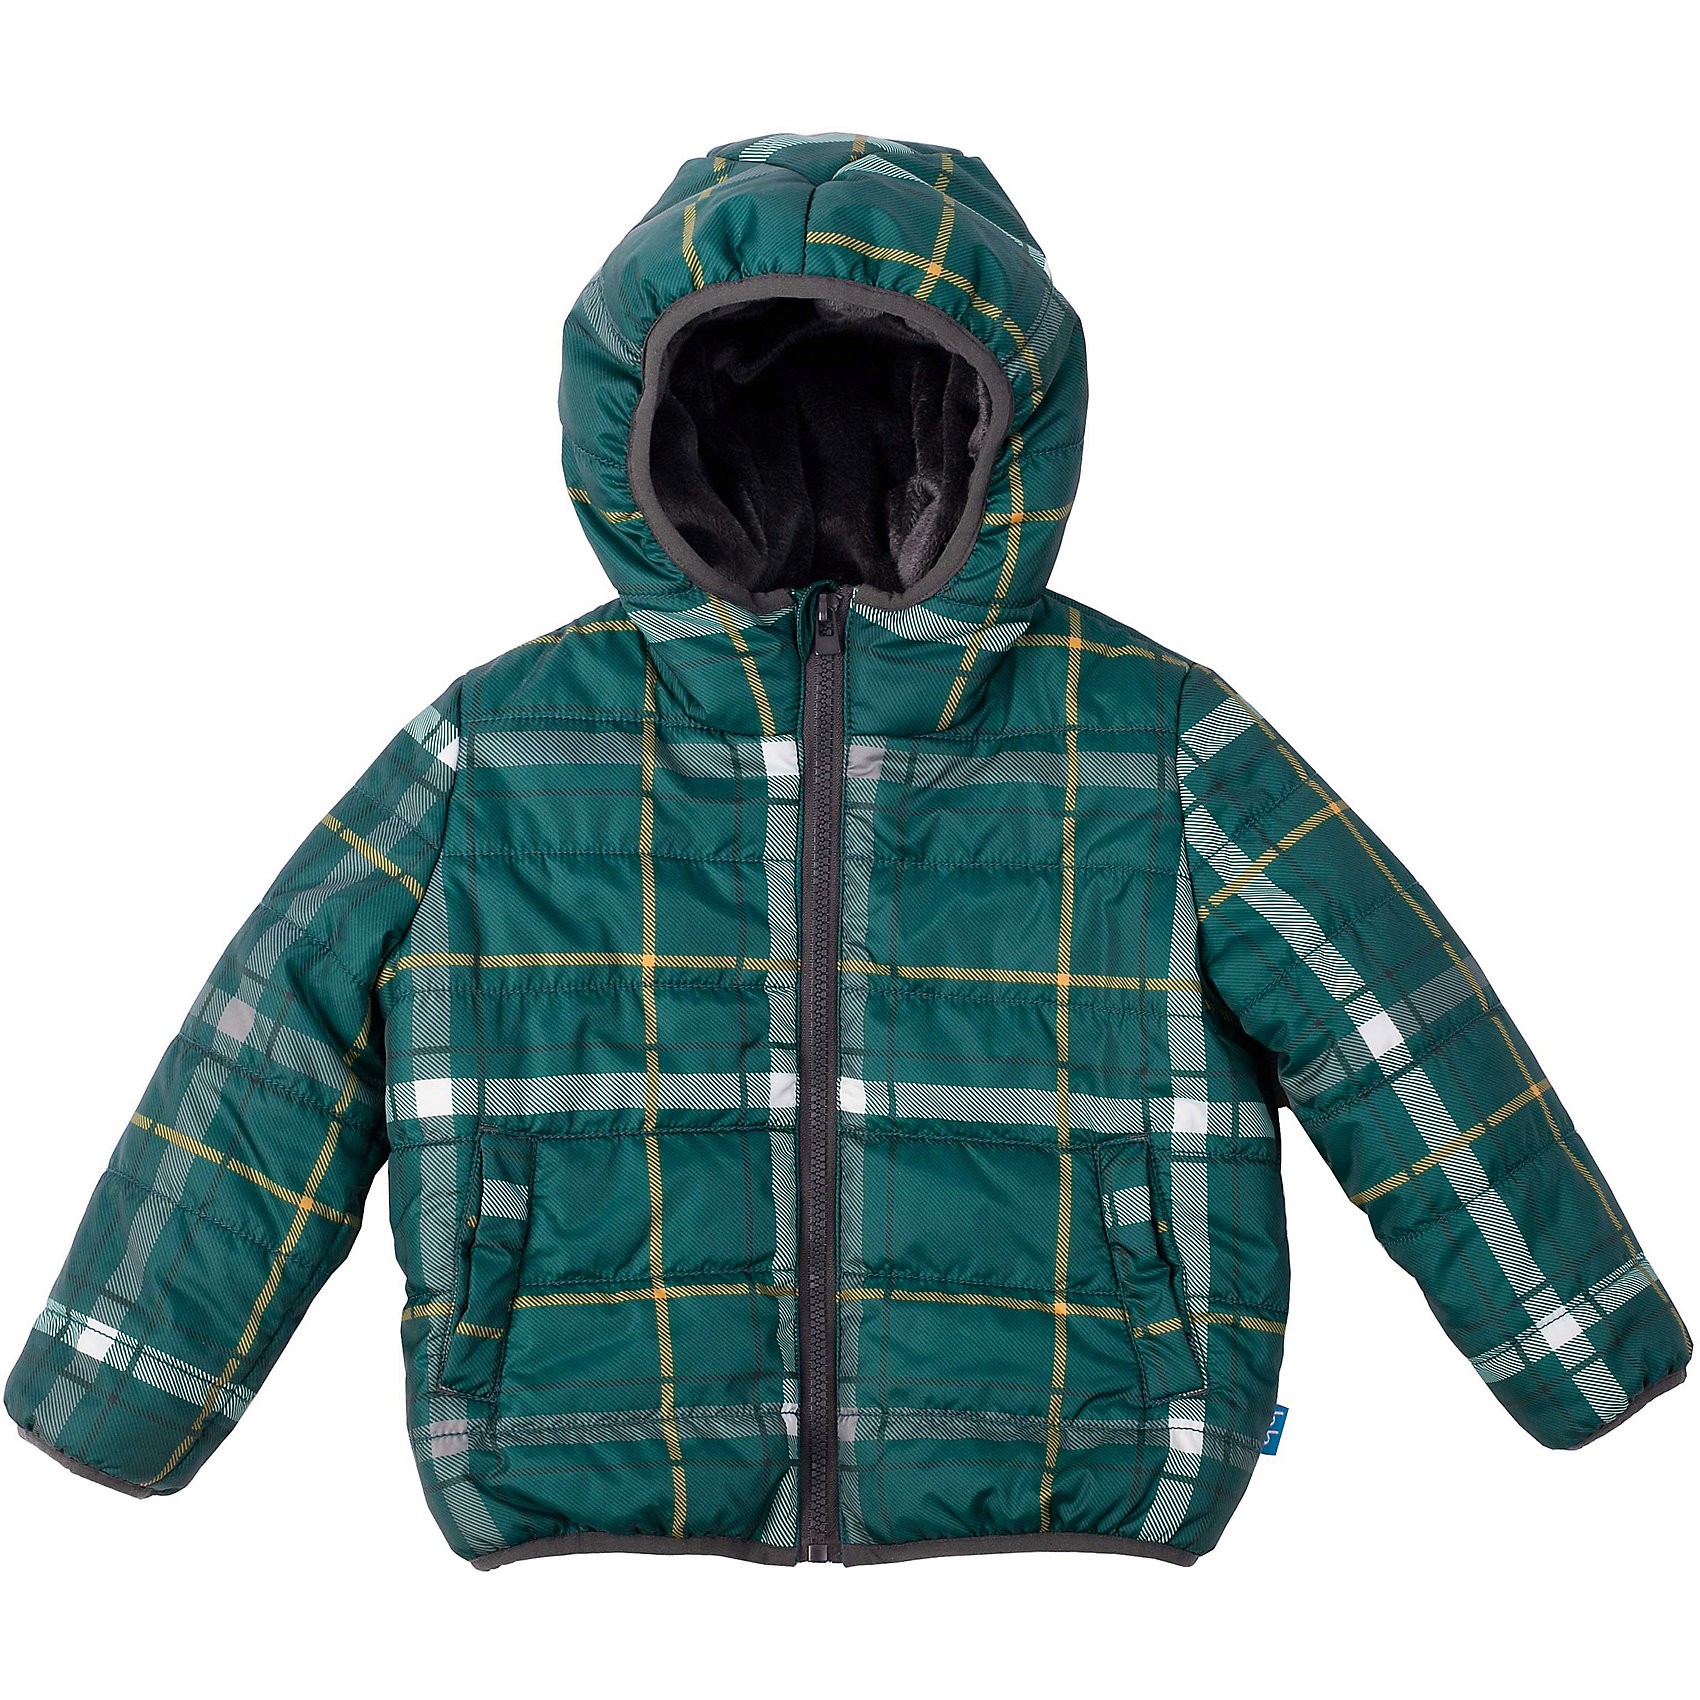 Куртка для мальчика Button BlueЯркая  клетчатая куртка на осень - ваш ответ  унылым дождливым будням! Удобный крой, функциональная карманы, контрастная подкладка обеспечат комфорт и хорошее настроение каждый день. Край куртки обработан черной эластичной тесьмой.<br>Состав:<br>тк. верха:    100%полиэстер,                           подкл.:  80%хлопок, 20%полиэстер/               утепл.:  100%полиэстер<br><br>Ширина мм: 356<br>Глубина мм: 10<br>Высота мм: 245<br>Вес г: 519<br>Цвет: разноцветный<br>Возраст от месяцев: 48<br>Возраст до месяцев: 60<br>Пол: Мужской<br>Возраст: Детский<br>Размер: 110,104,122,98,116<br>SKU: 4226979